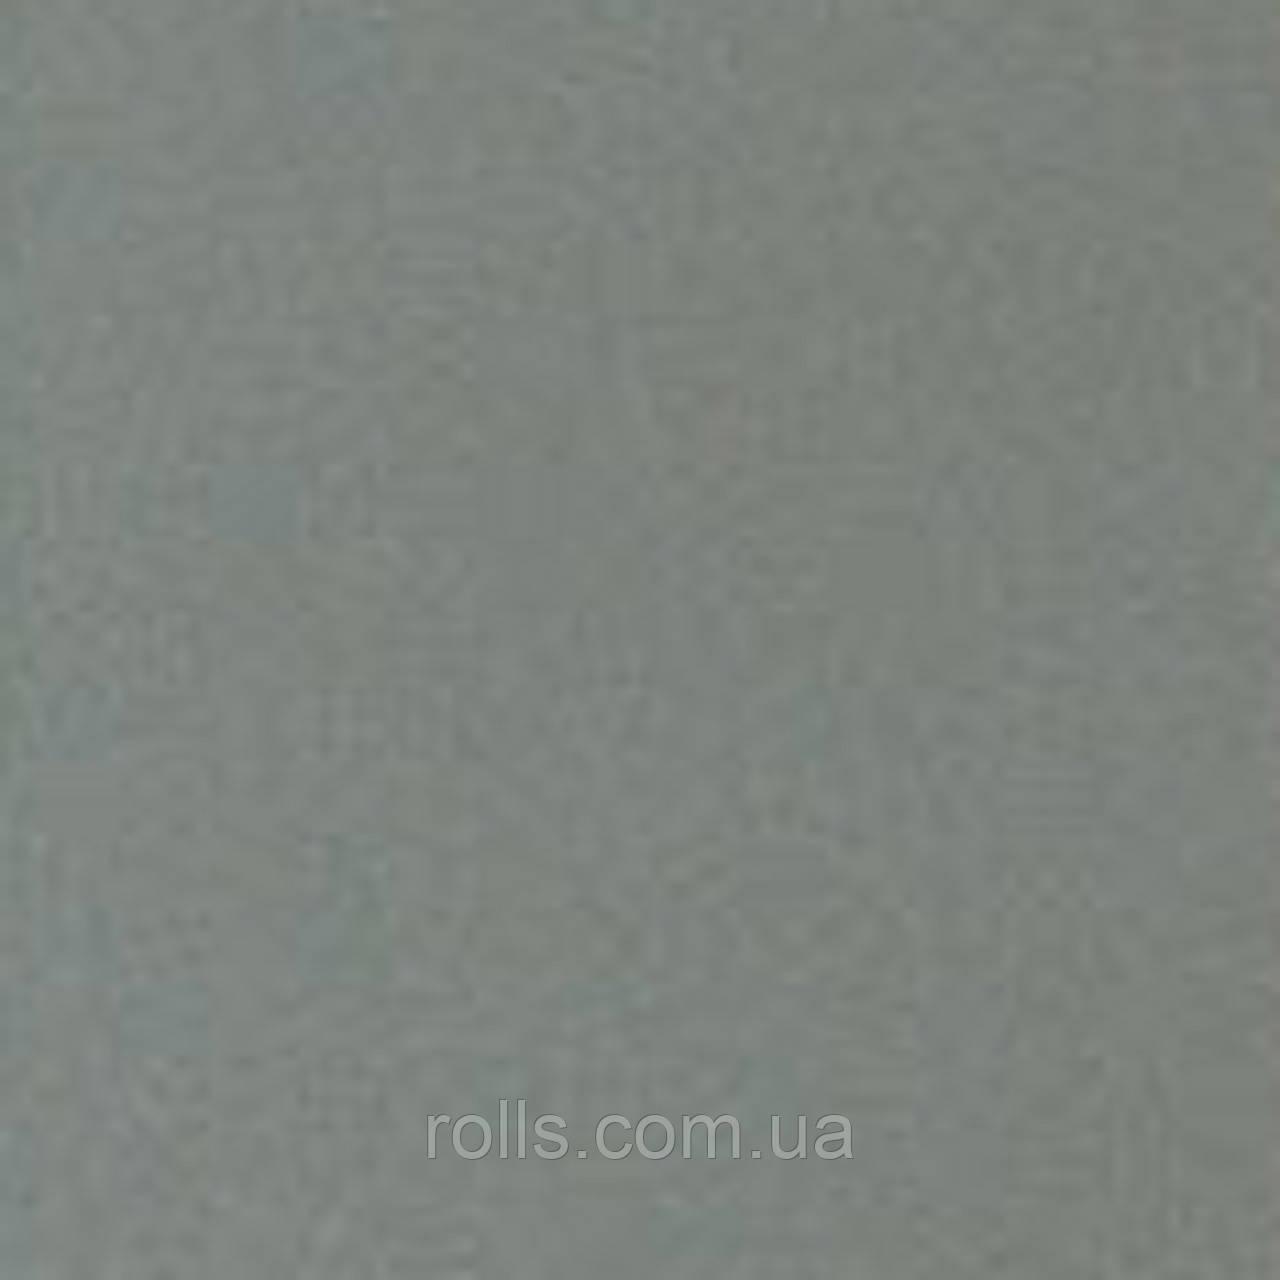 """Лист плоский алюмінієвий Prefalz PP99 №47 PATINA GRAU """"Вальцований титан-цинк сірий"""" 0,7х1000х2000мм"""